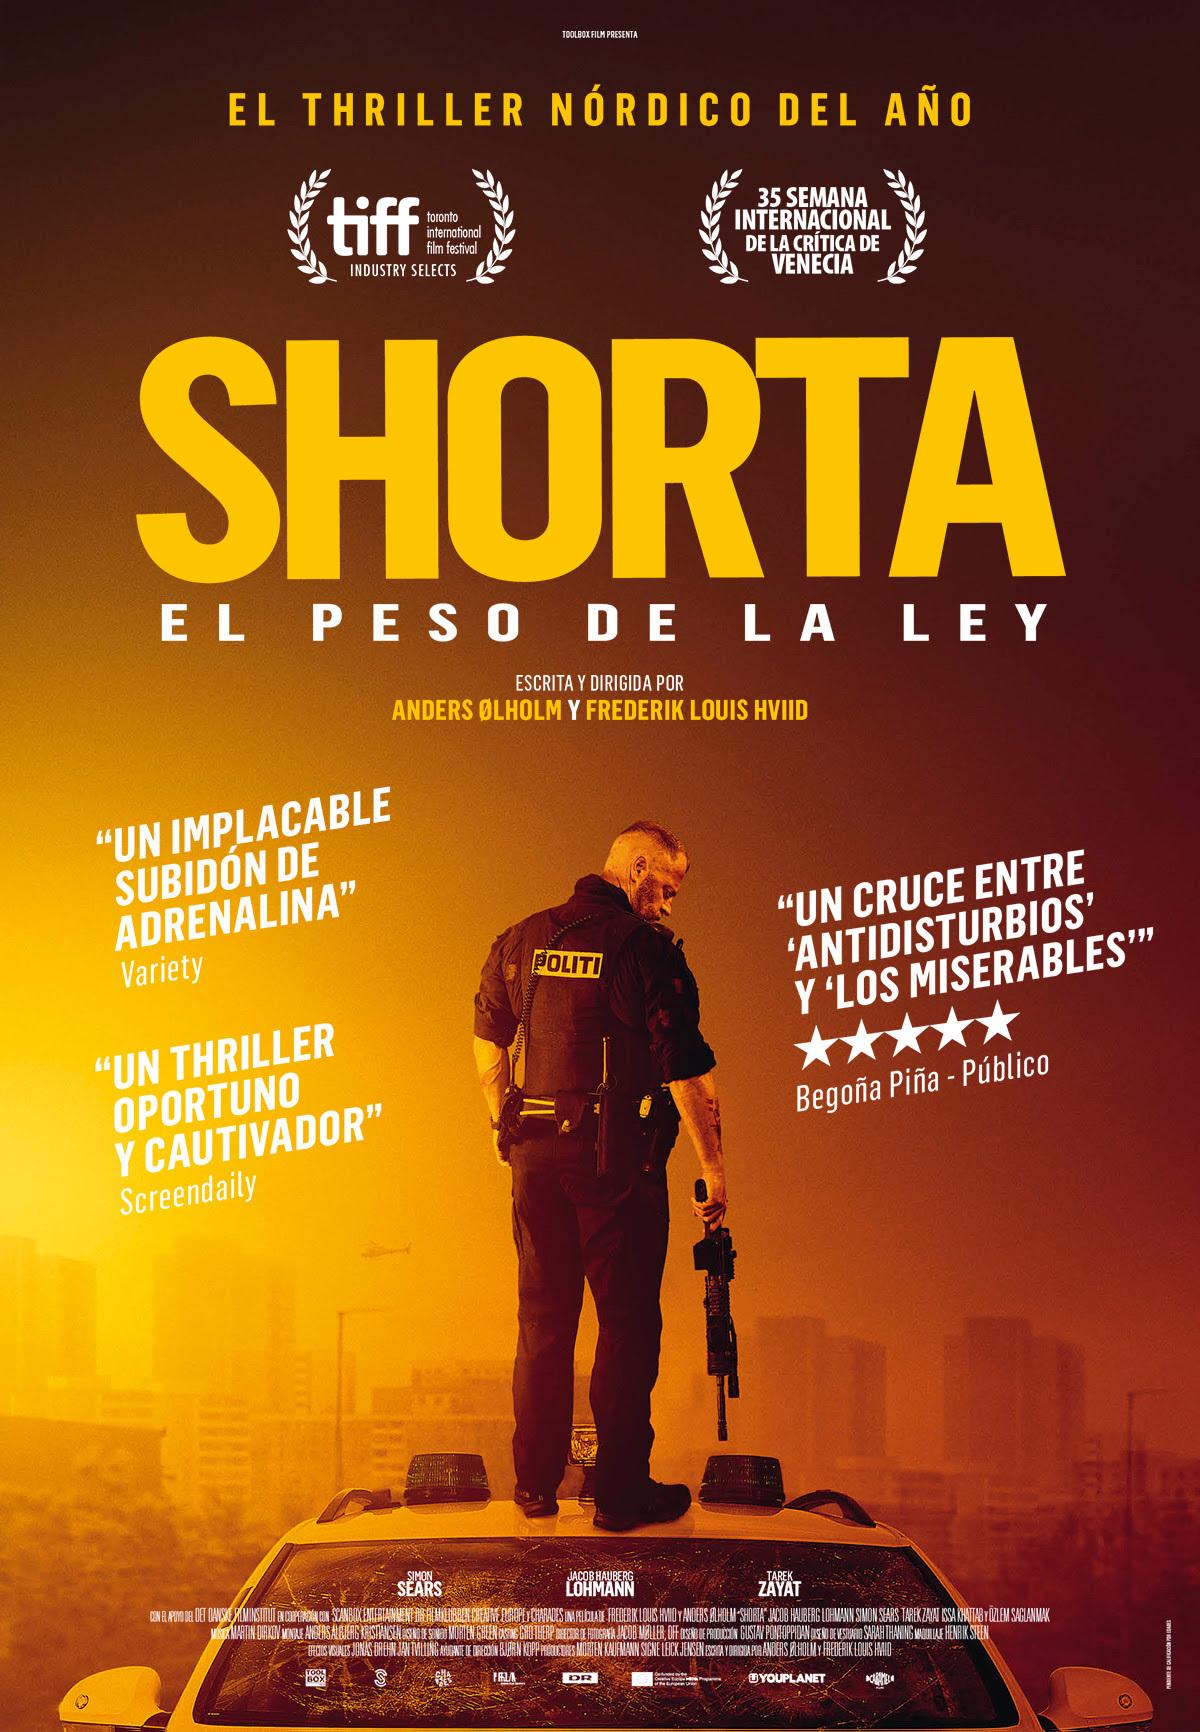 Cartel de Shorta. El peso de la ley